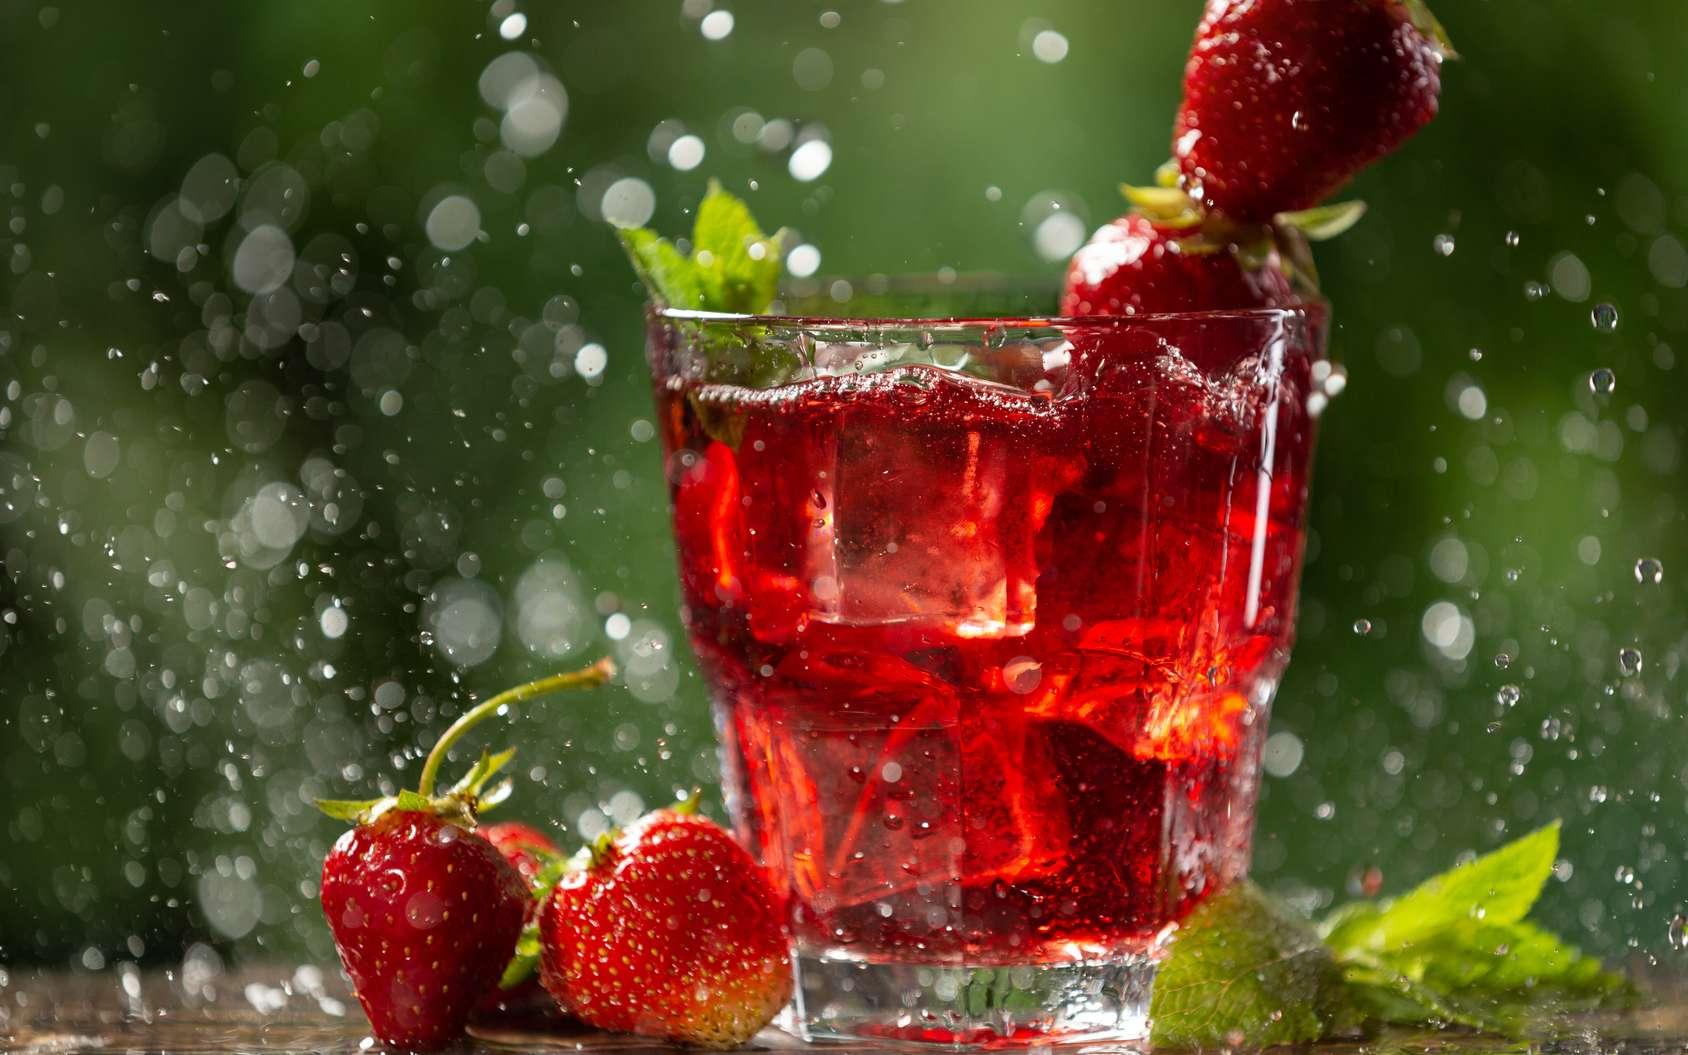 La consommation de boissons sucrées à raison de l'équivalent d'un petit verre par jour est associé à un risque accru de cancer. © aneduard, Fotolia